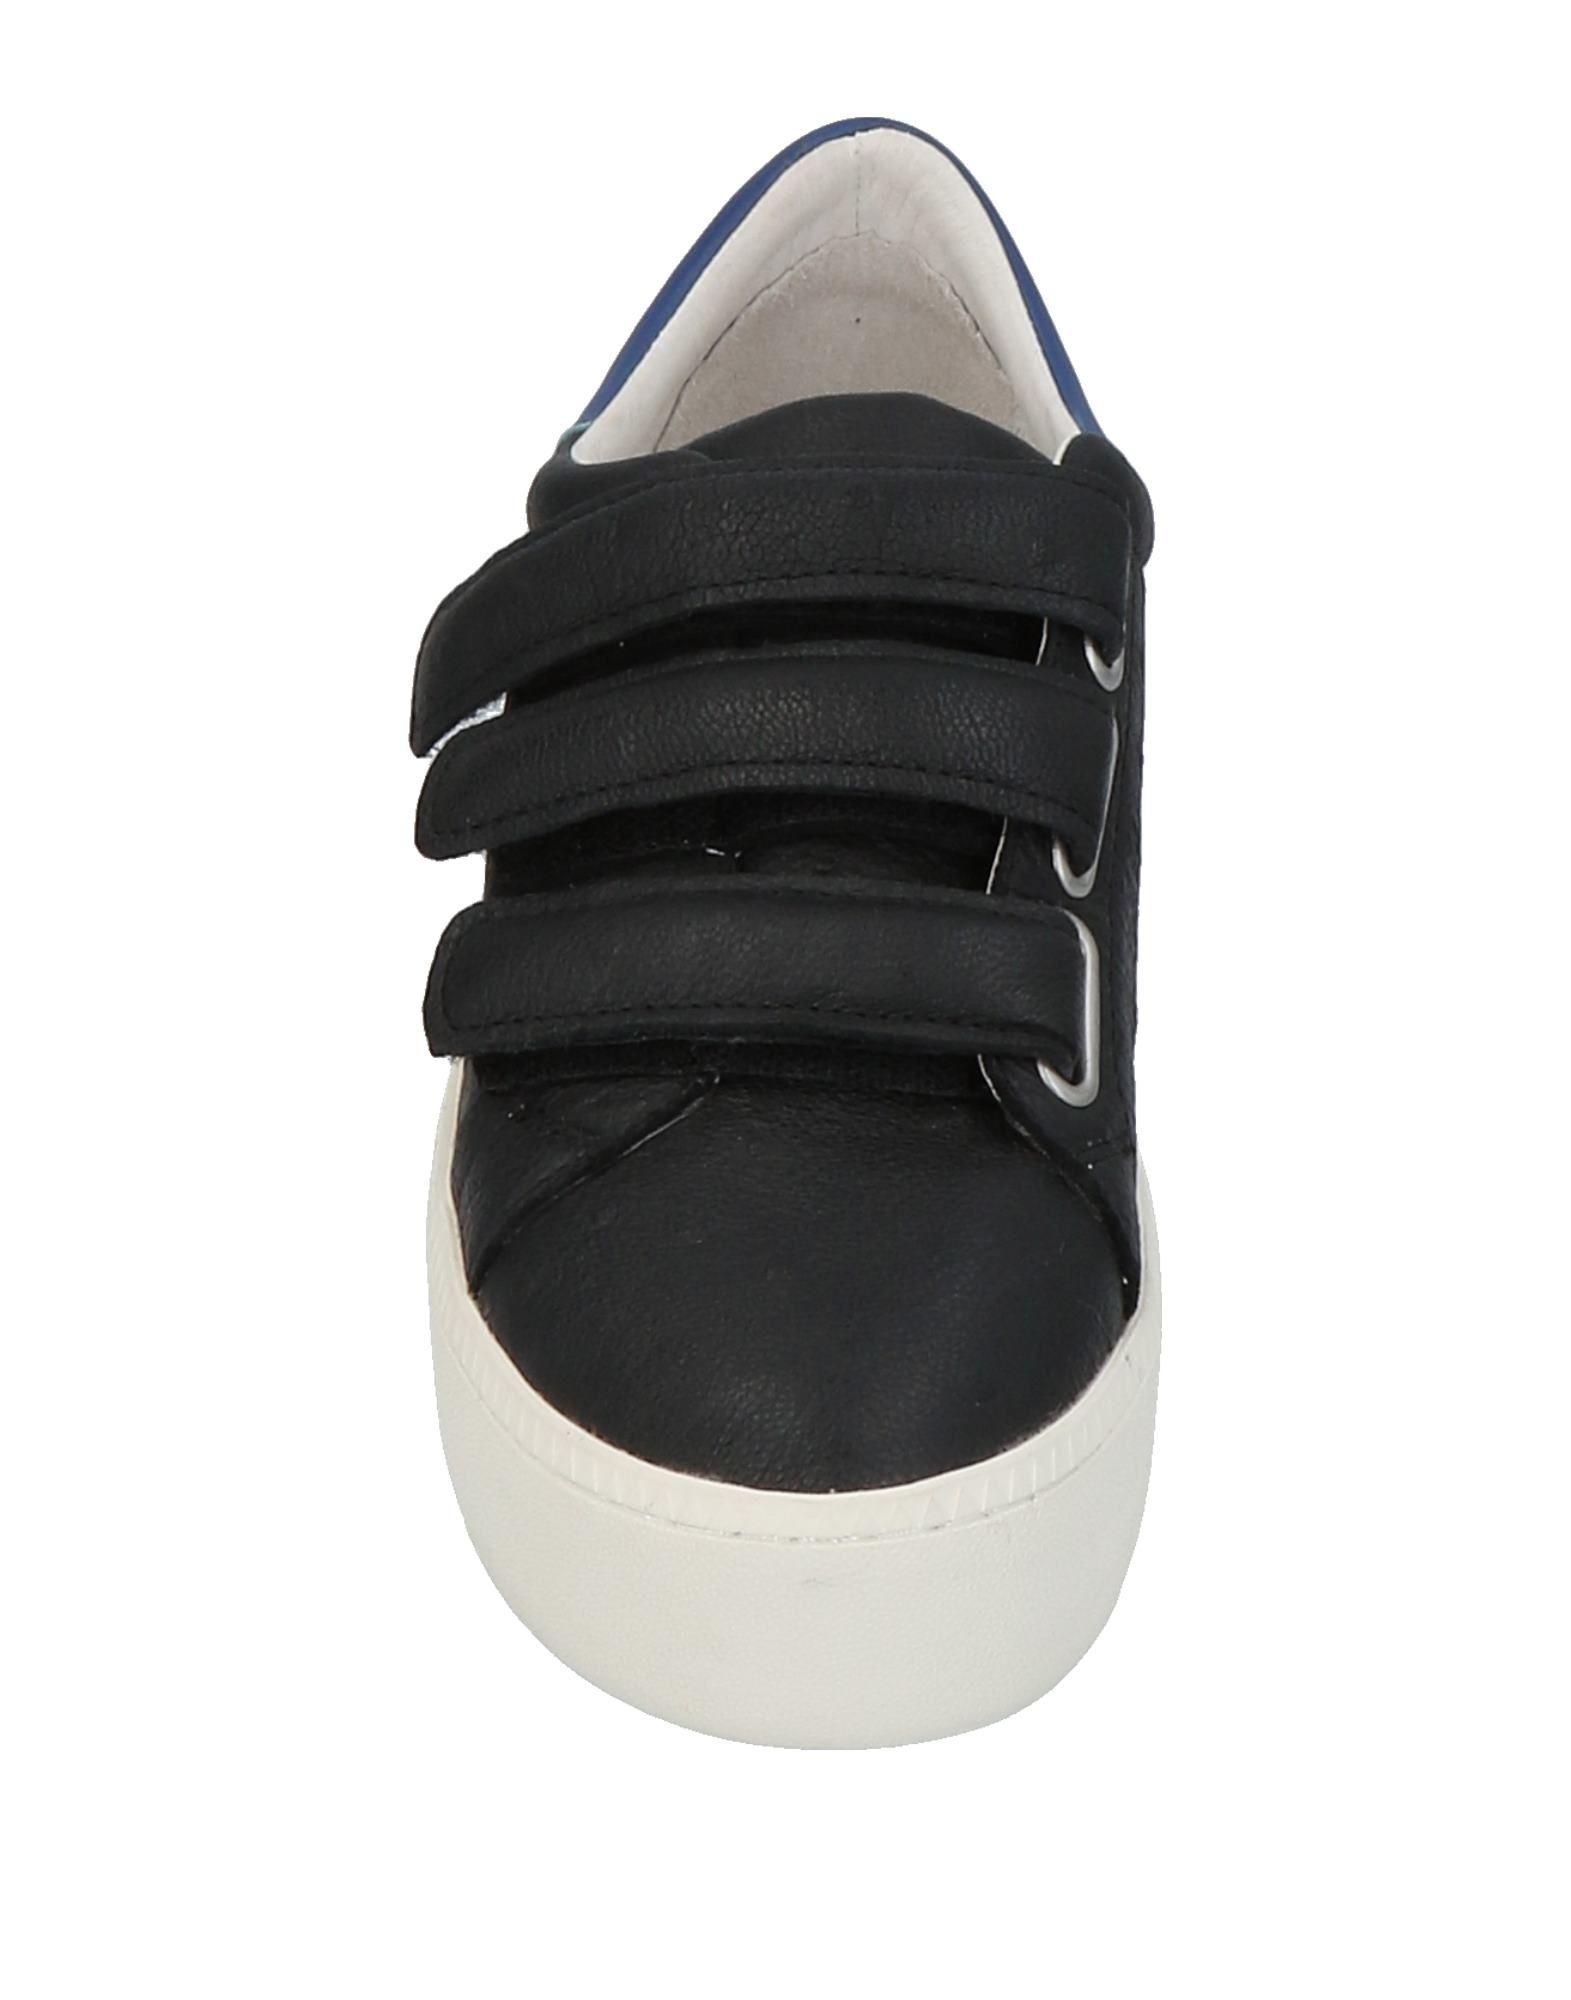 Ash Sneakers Damen beliebte  11443706TR Gute Qualität beliebte Damen Schuhe 352de1